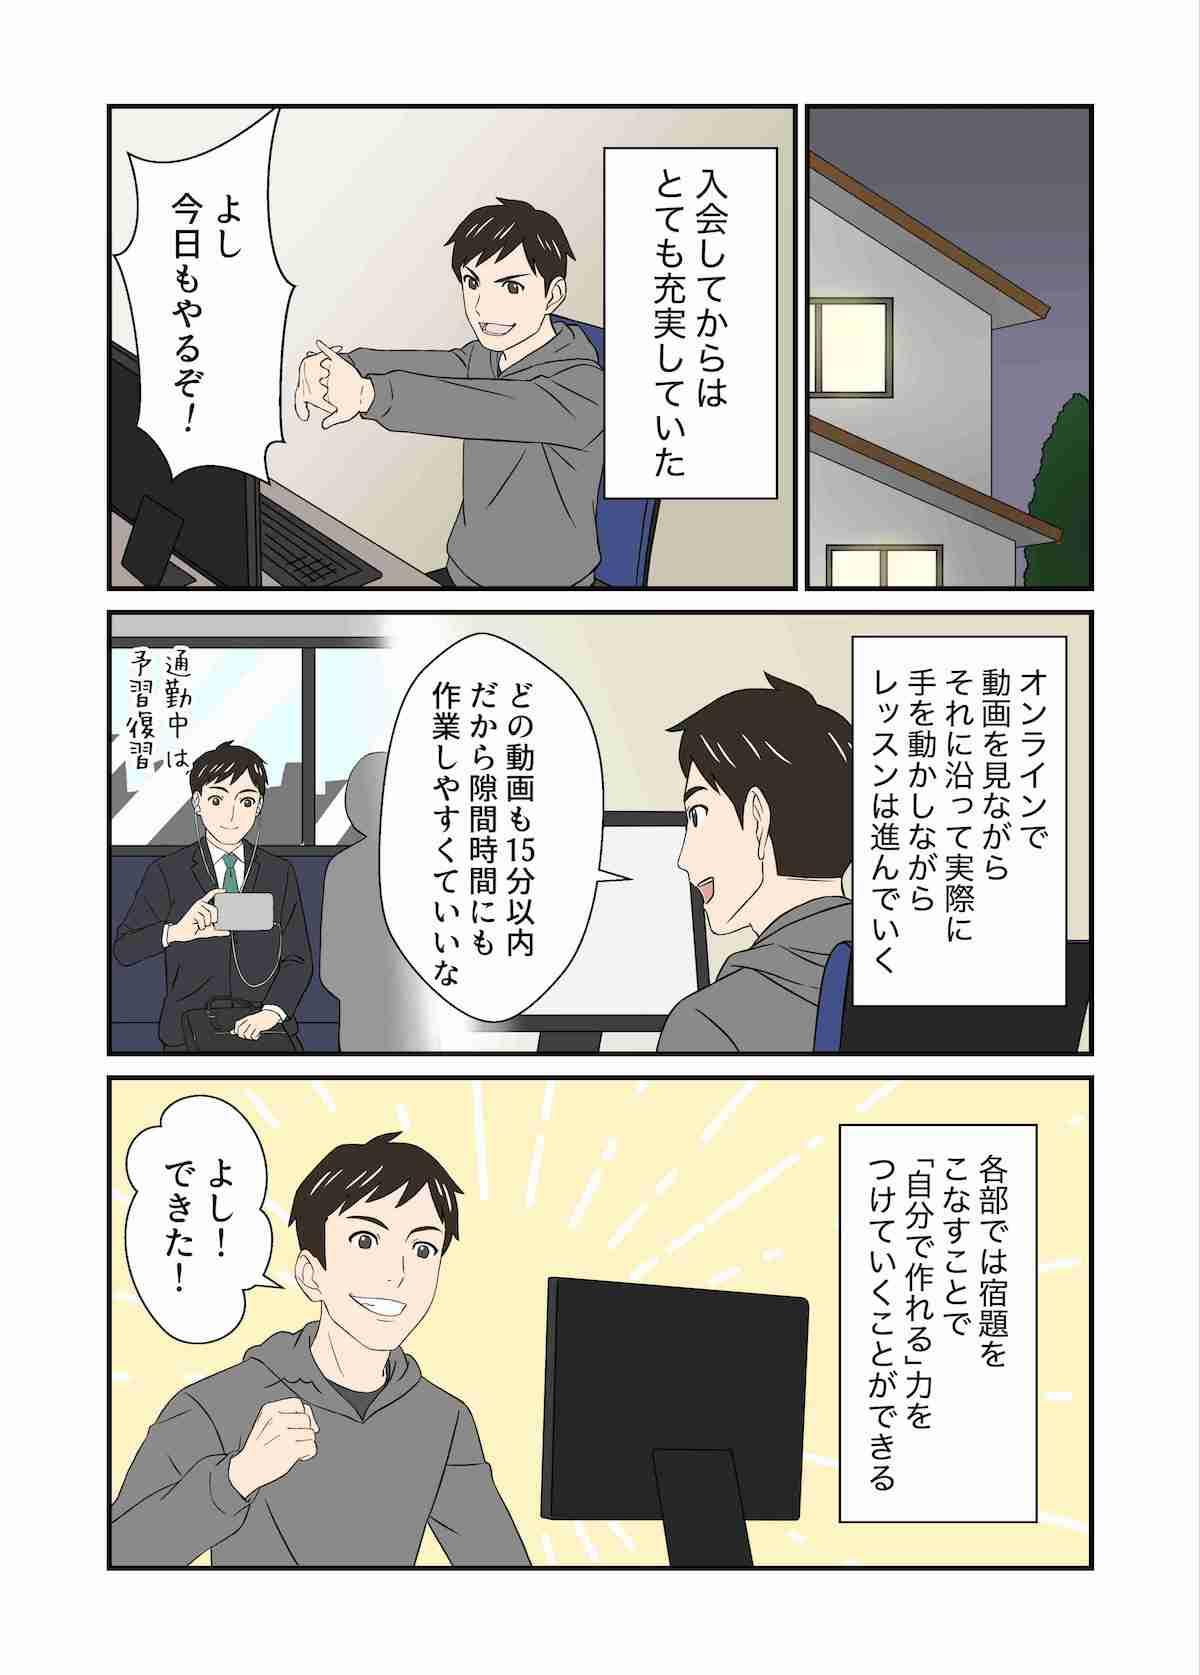 ウェブカツ漫画9ページ目